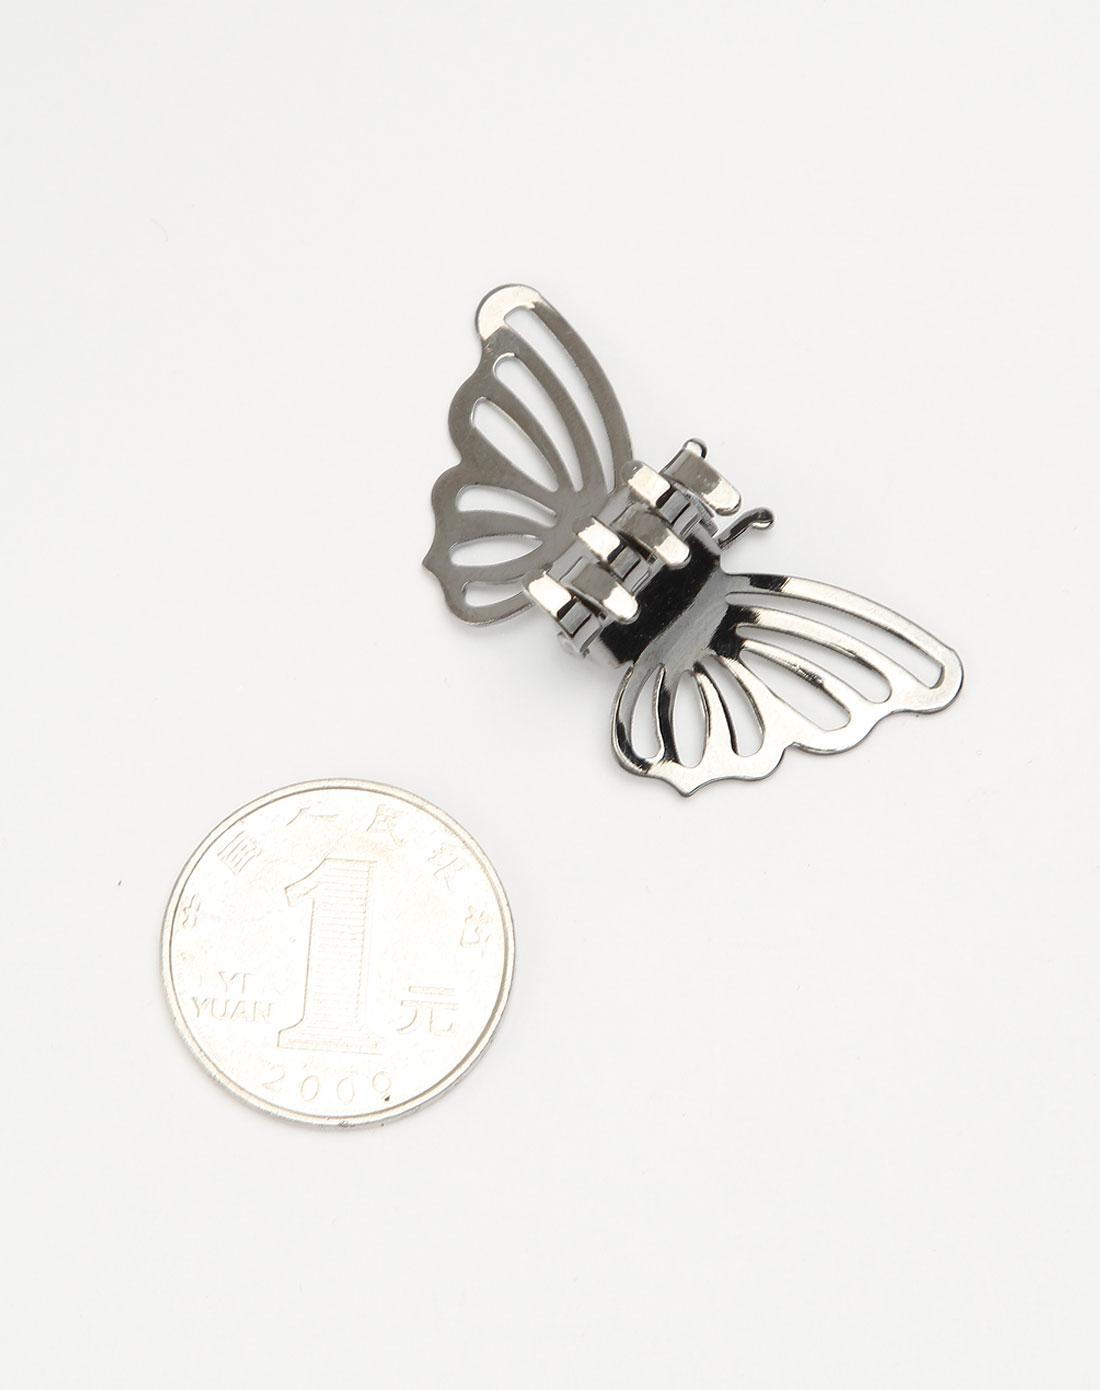 蝴蝶小钢爪情趣内衣哪个目天猫算类图片